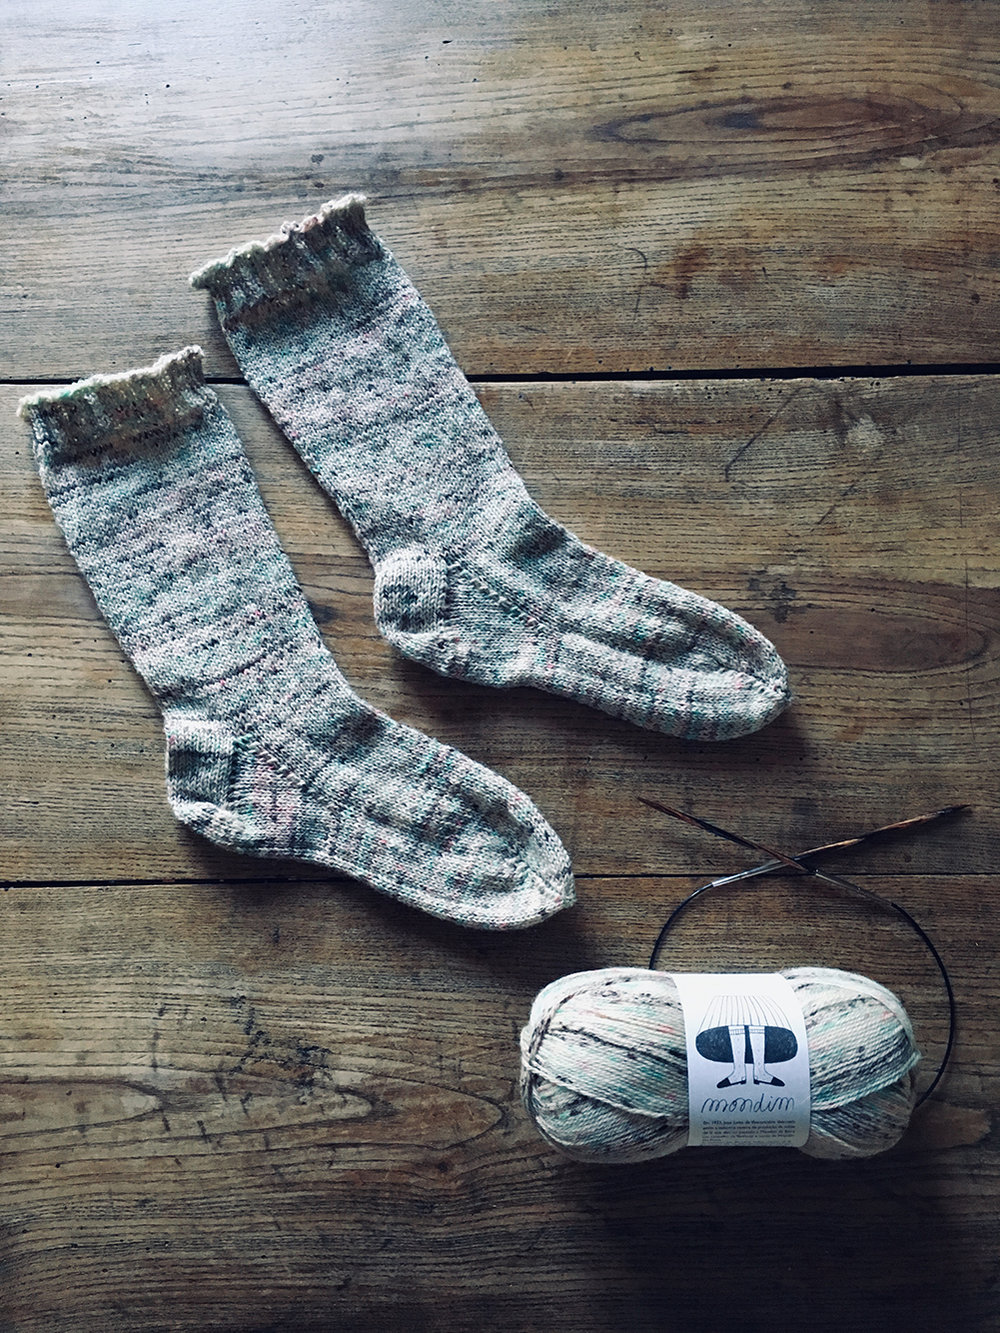 wool_done_come_una_volta_socks_knitting_kit_2.jpg